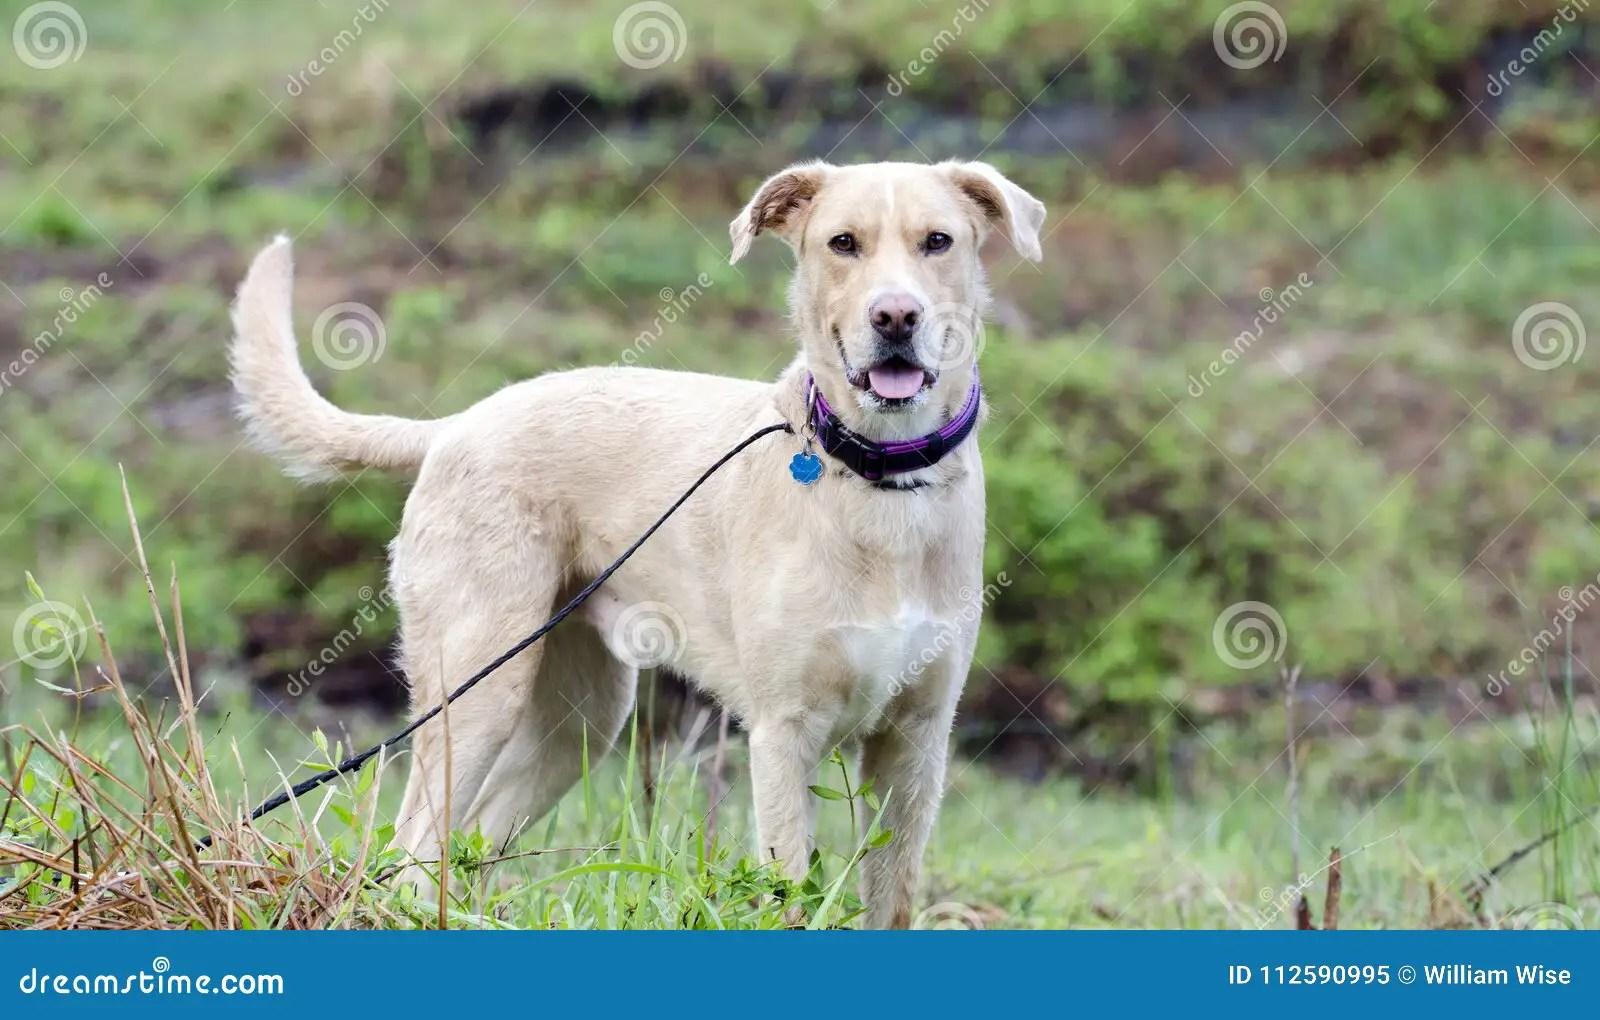 labrador golden retriever mixed